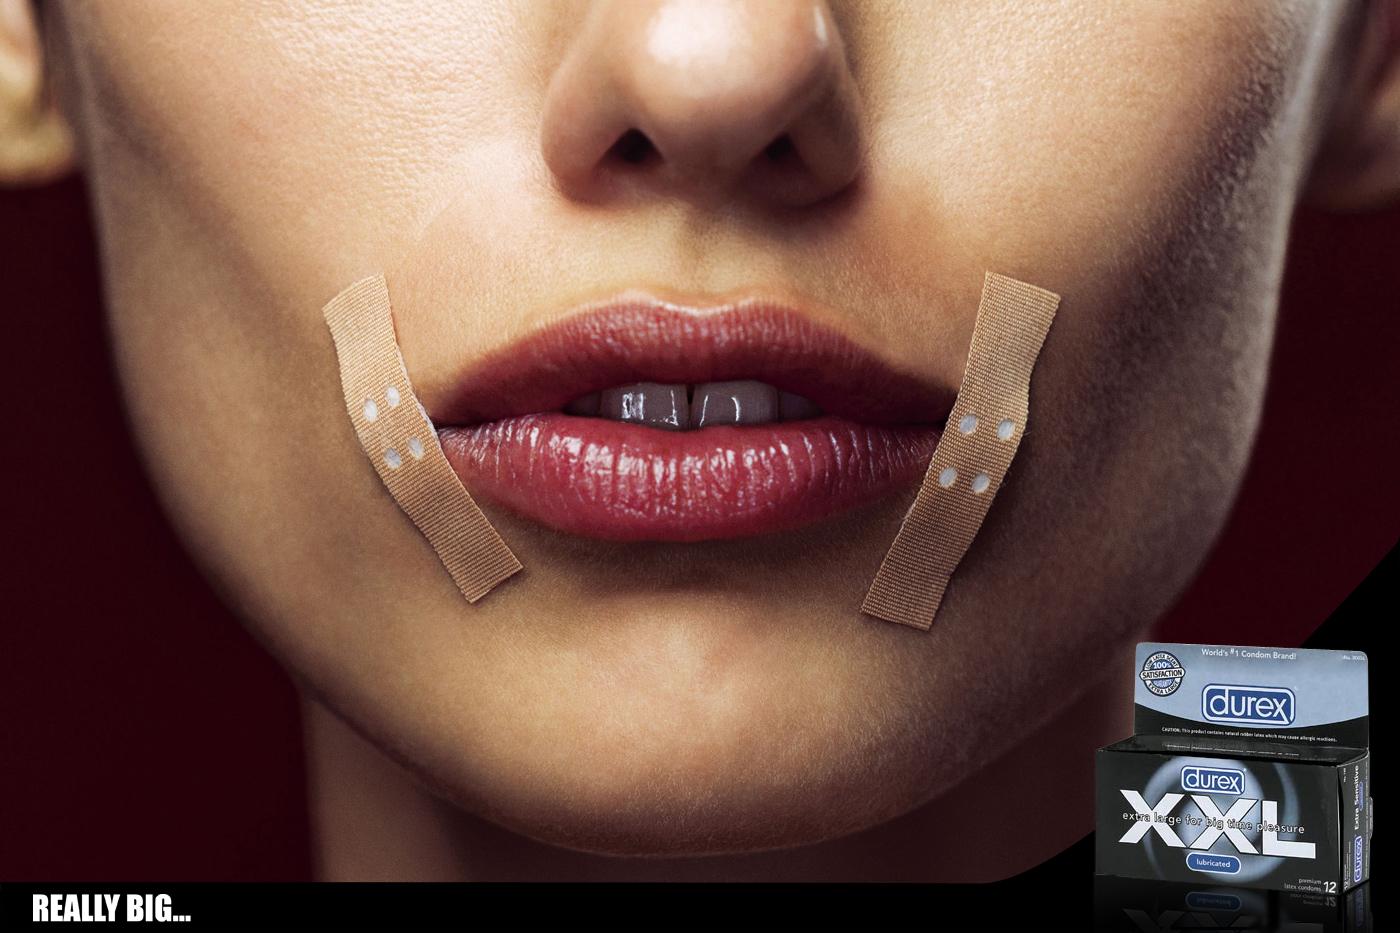 durexxxl.ad.condoms.campaign